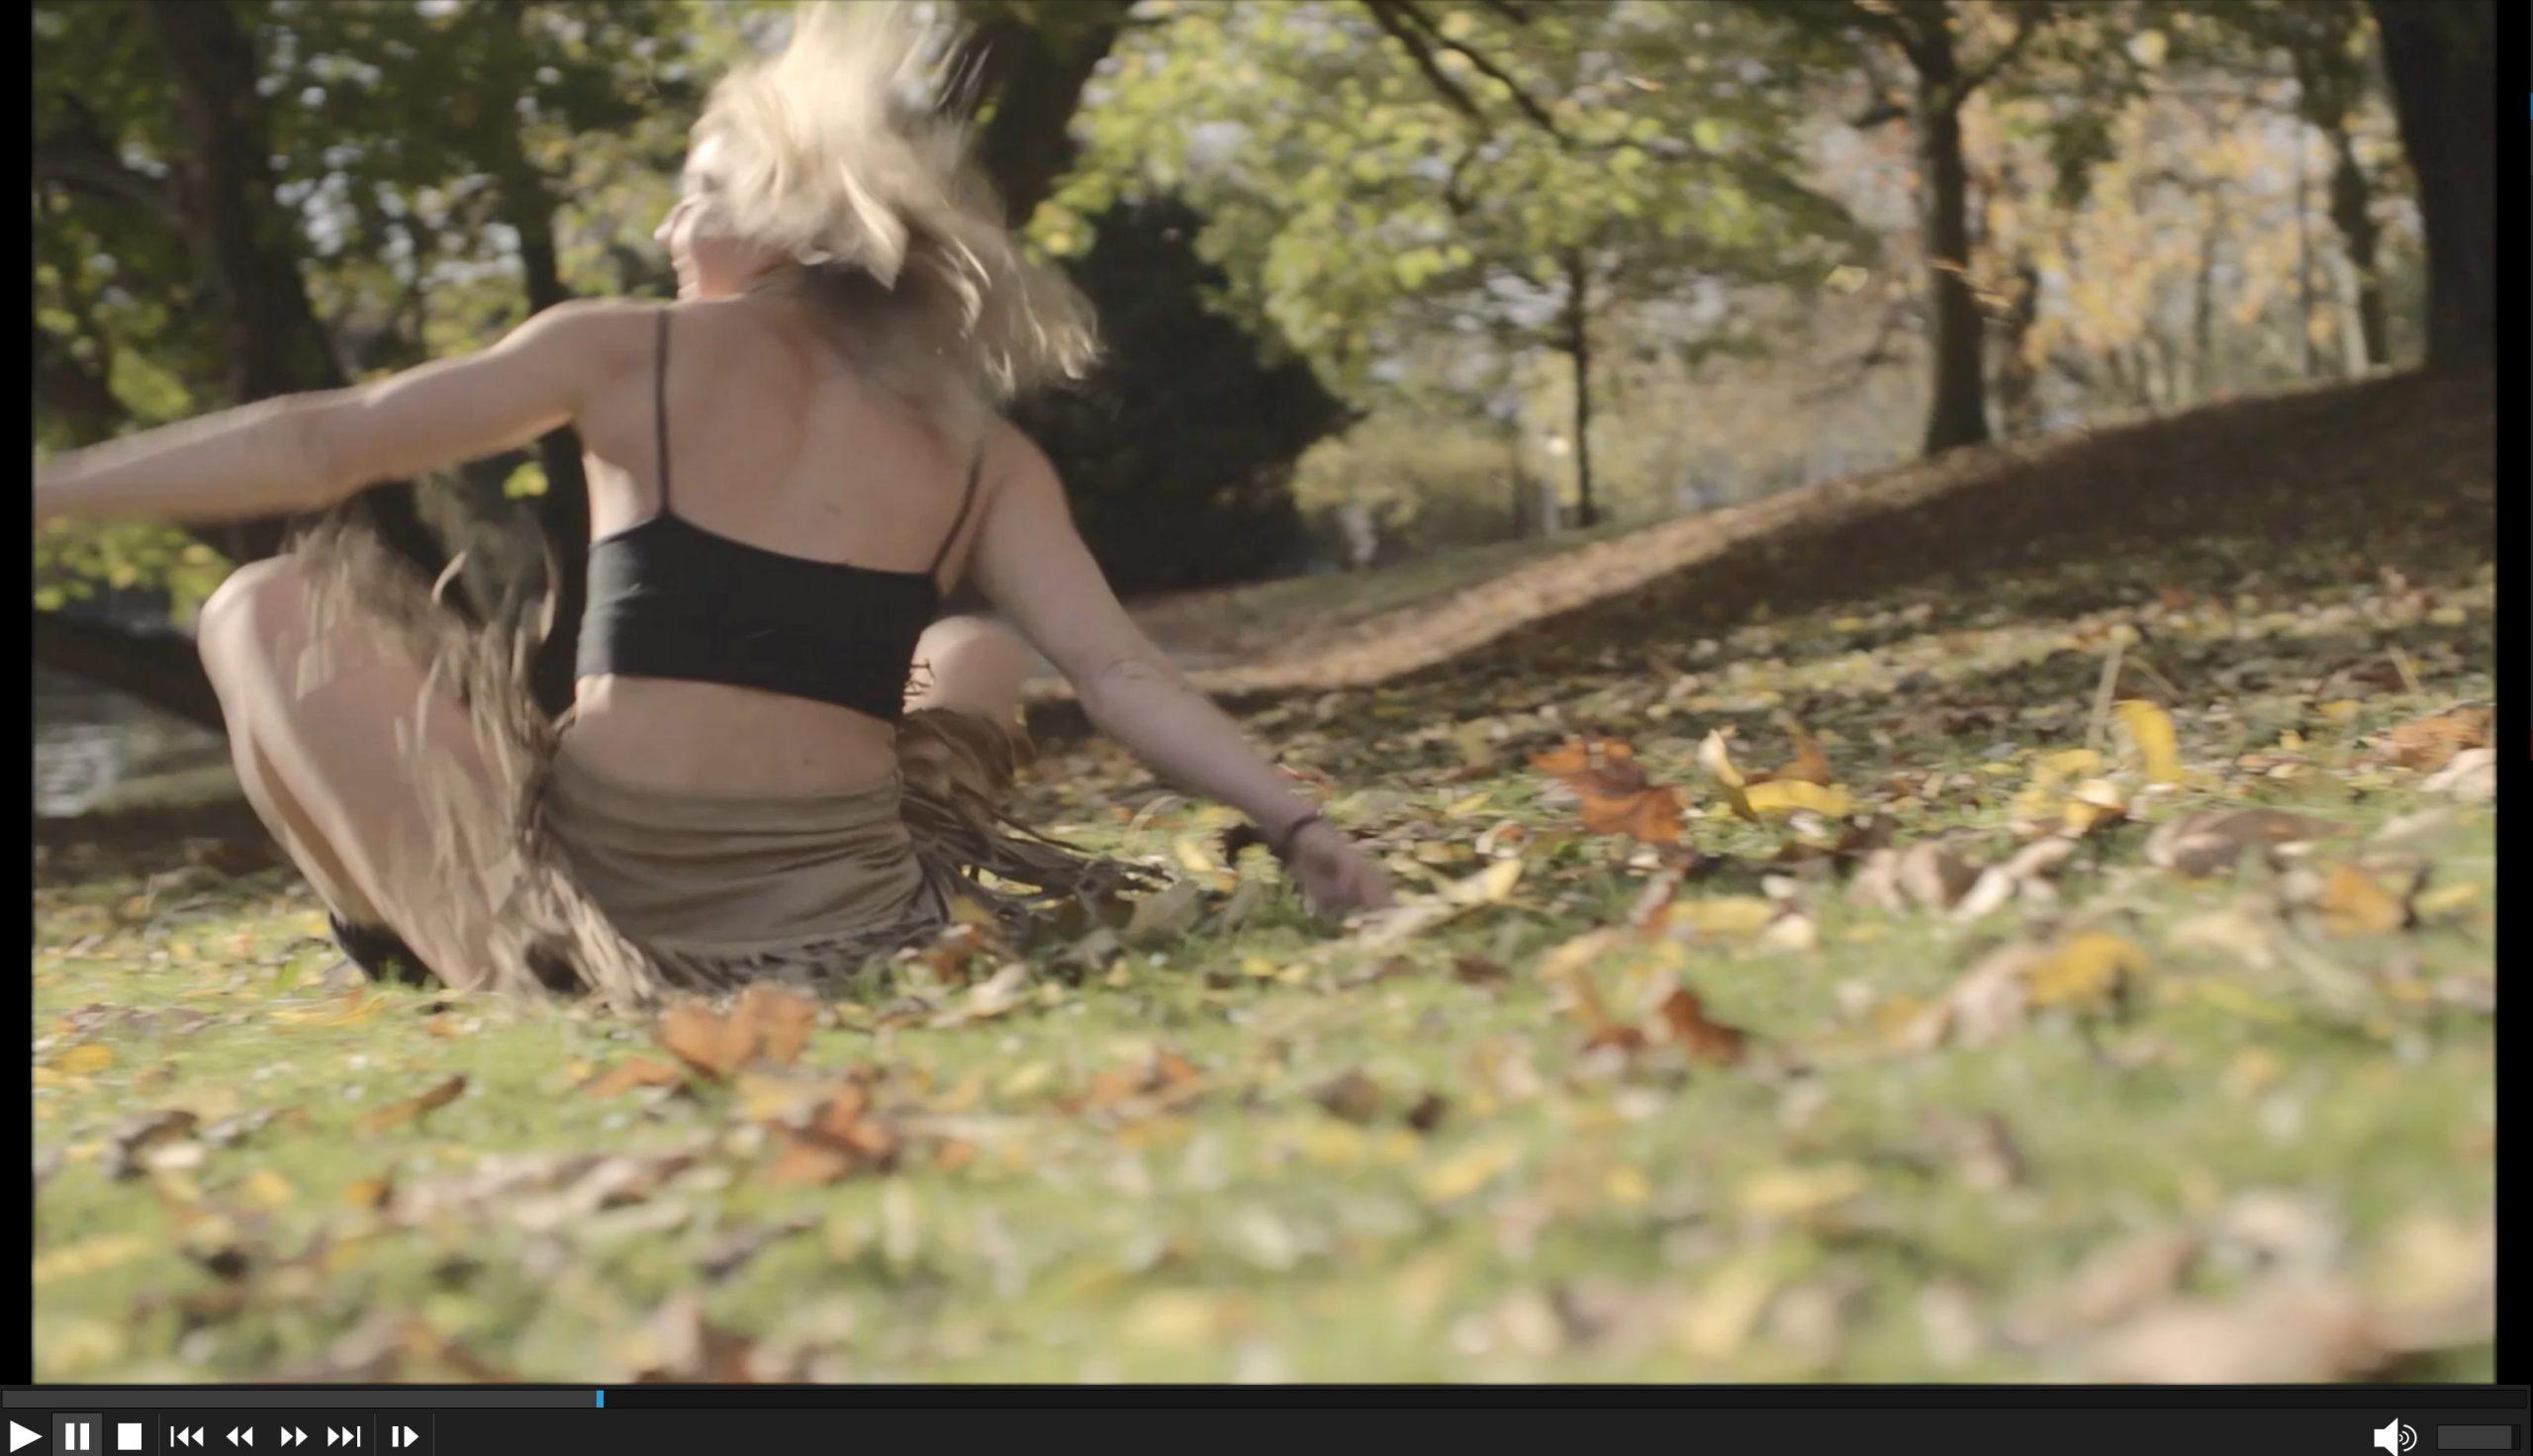 Herbst Video - Anna Herkt: Akrobatin, Artistin & Zirkusakrobatin